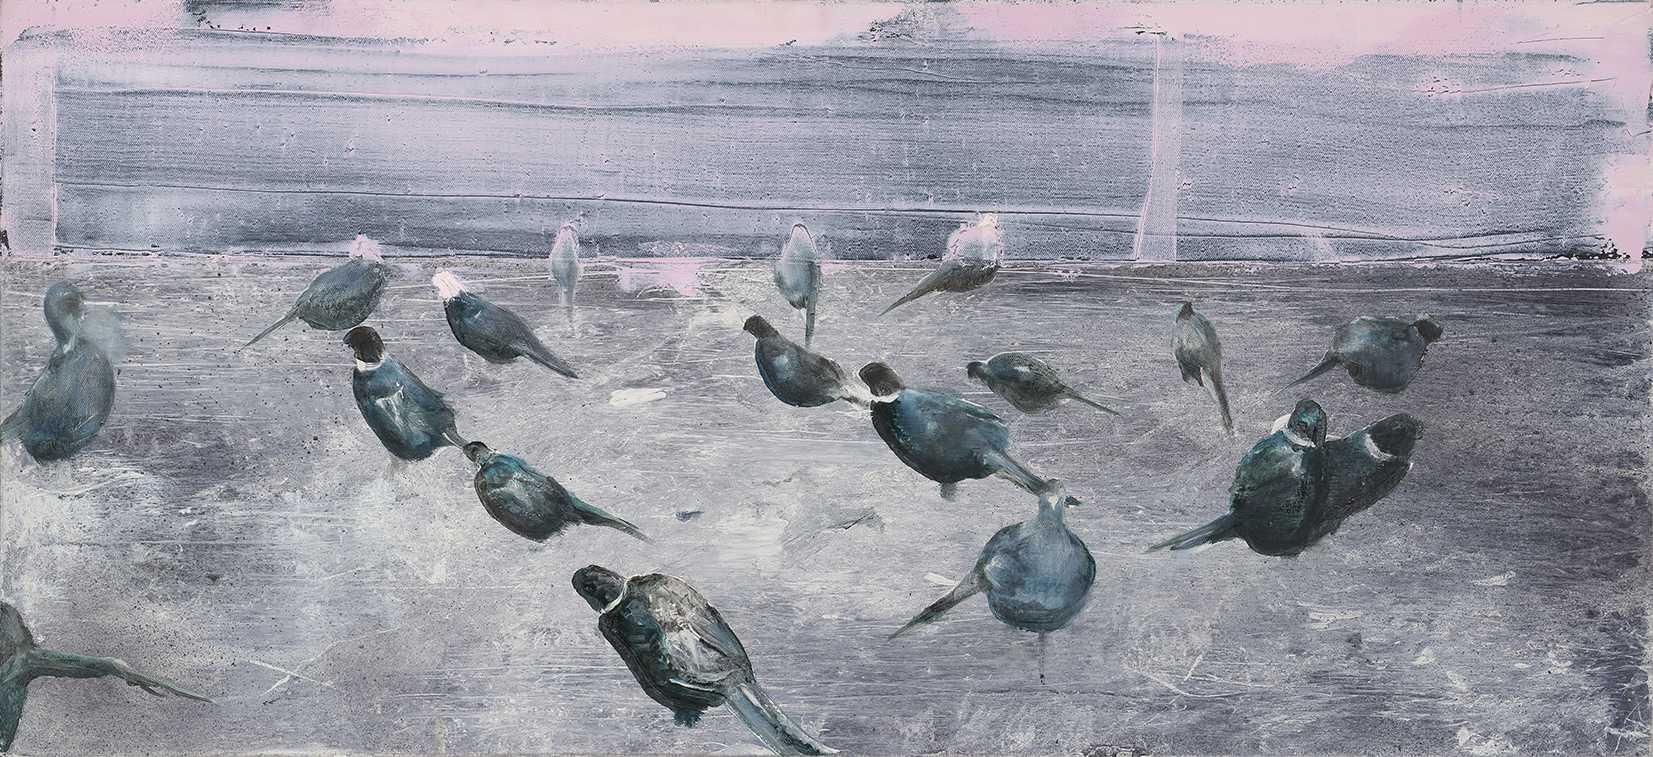 Tu Xi 涂曦, Small World 小世界, 2013, Oil on canvas 布面油画, 63 x 140 cm